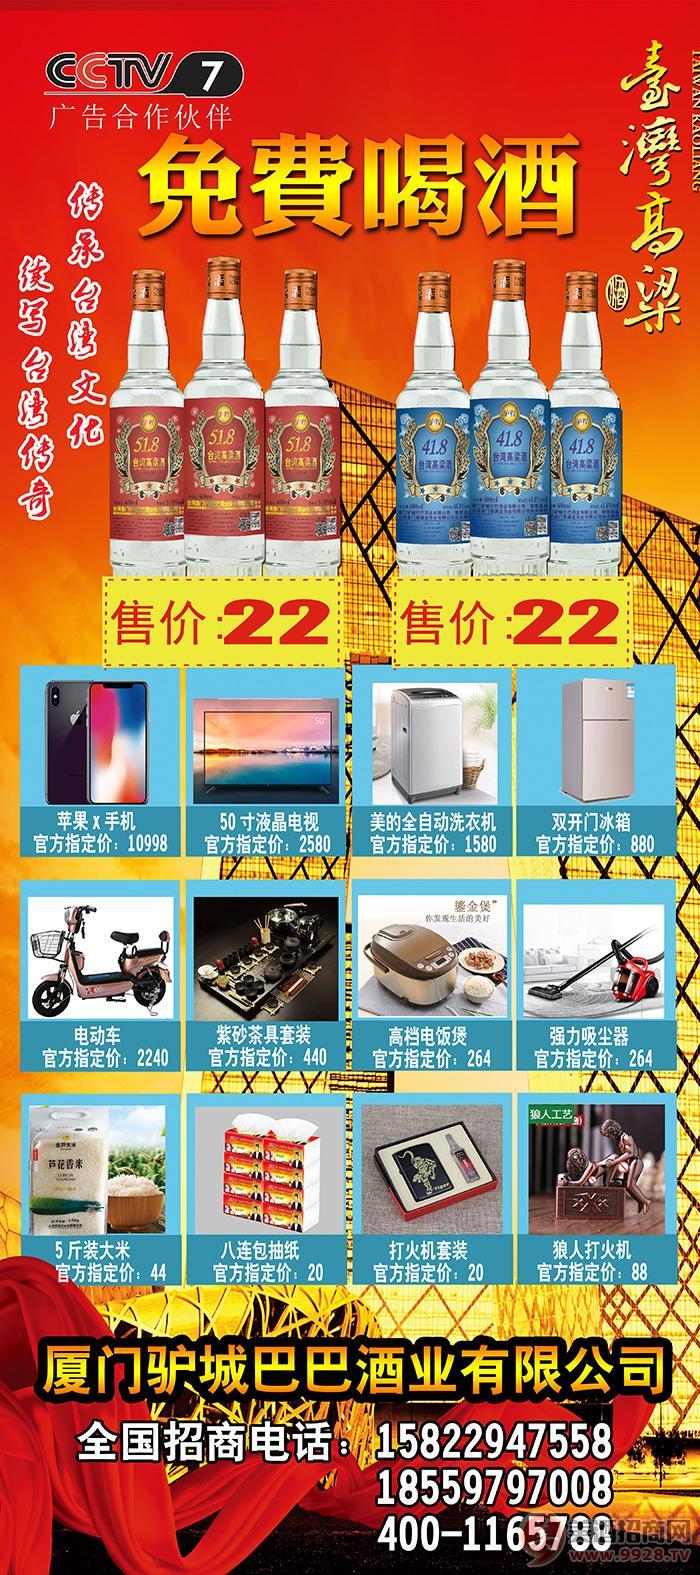 驴城台湾高粱酒